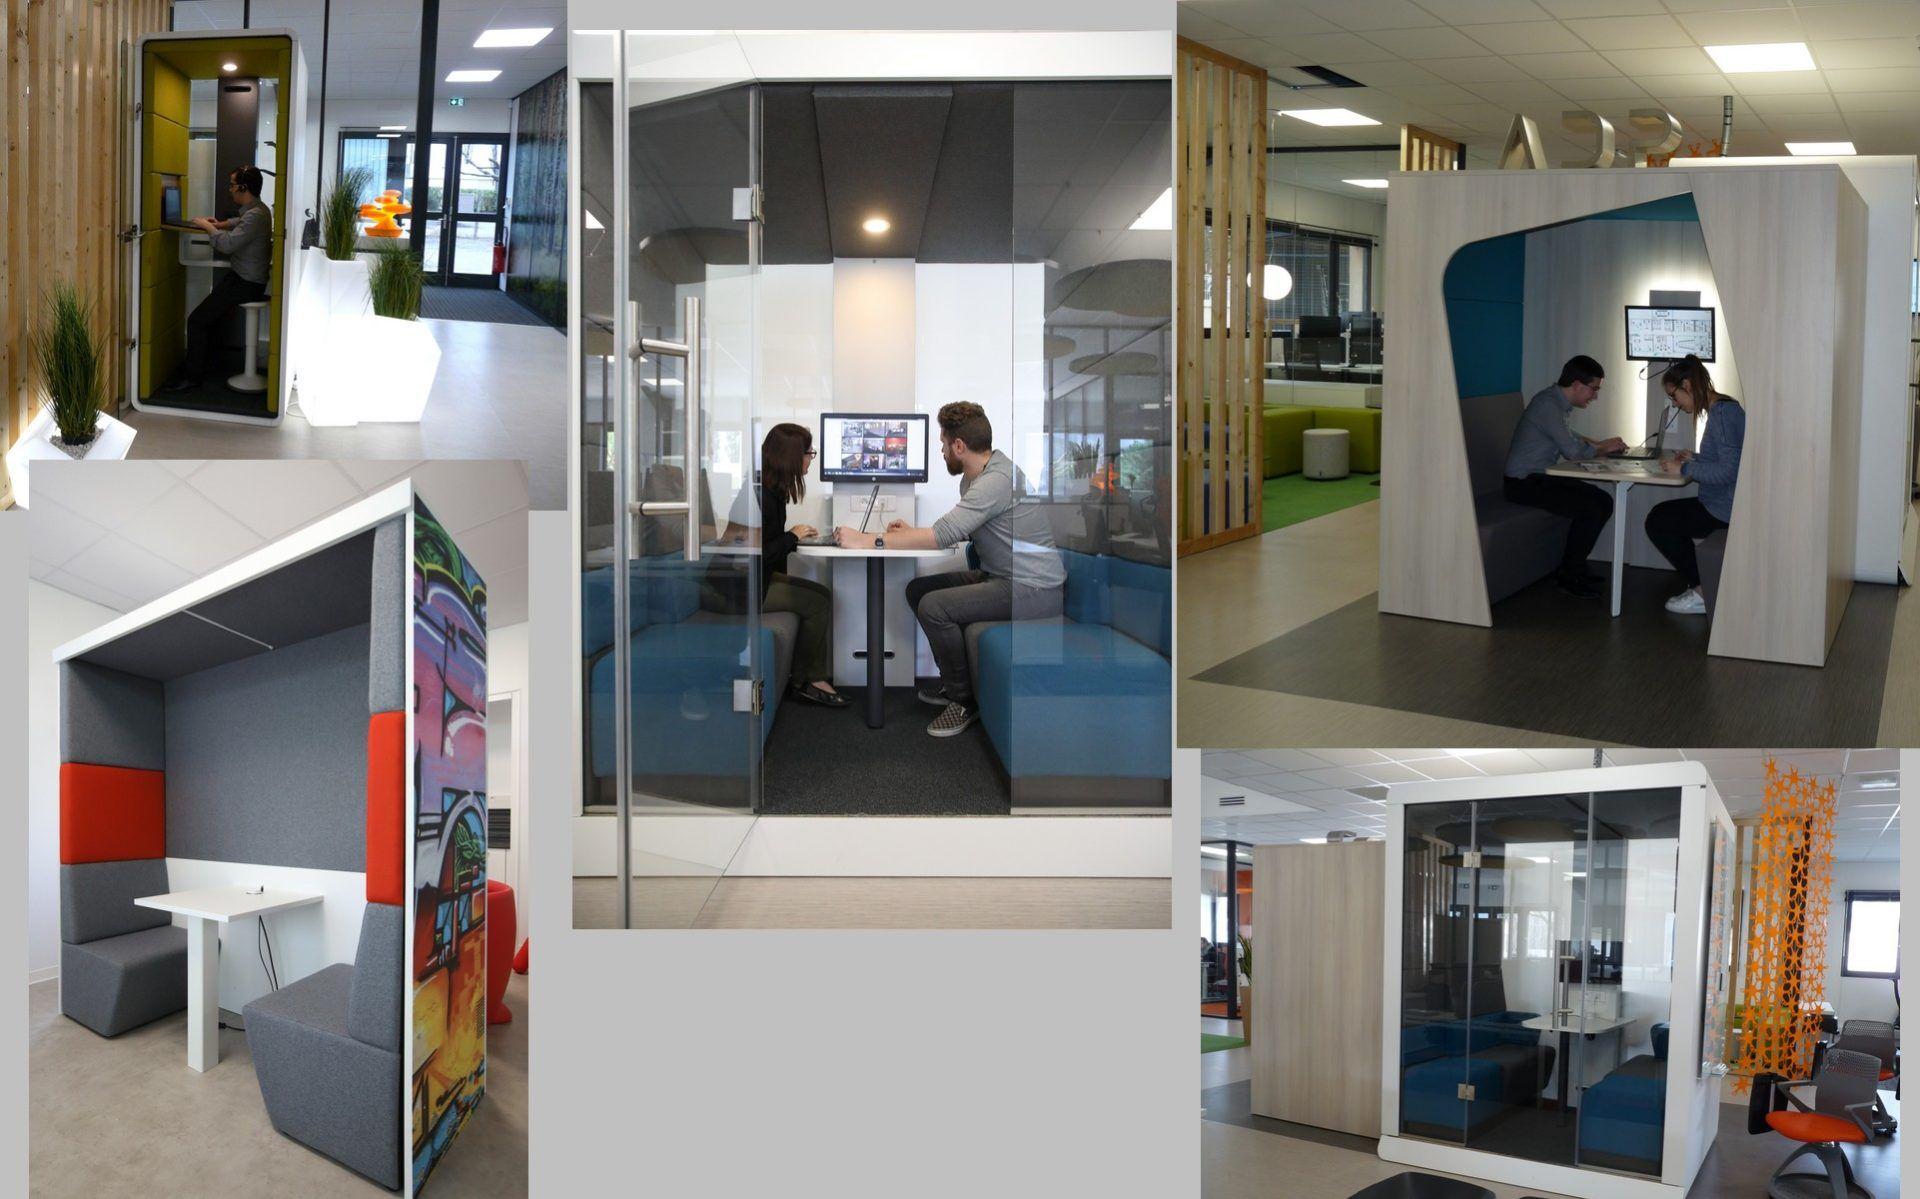 Avez-vous pensé aux cabines de travail pour optimiser vos espaces ?